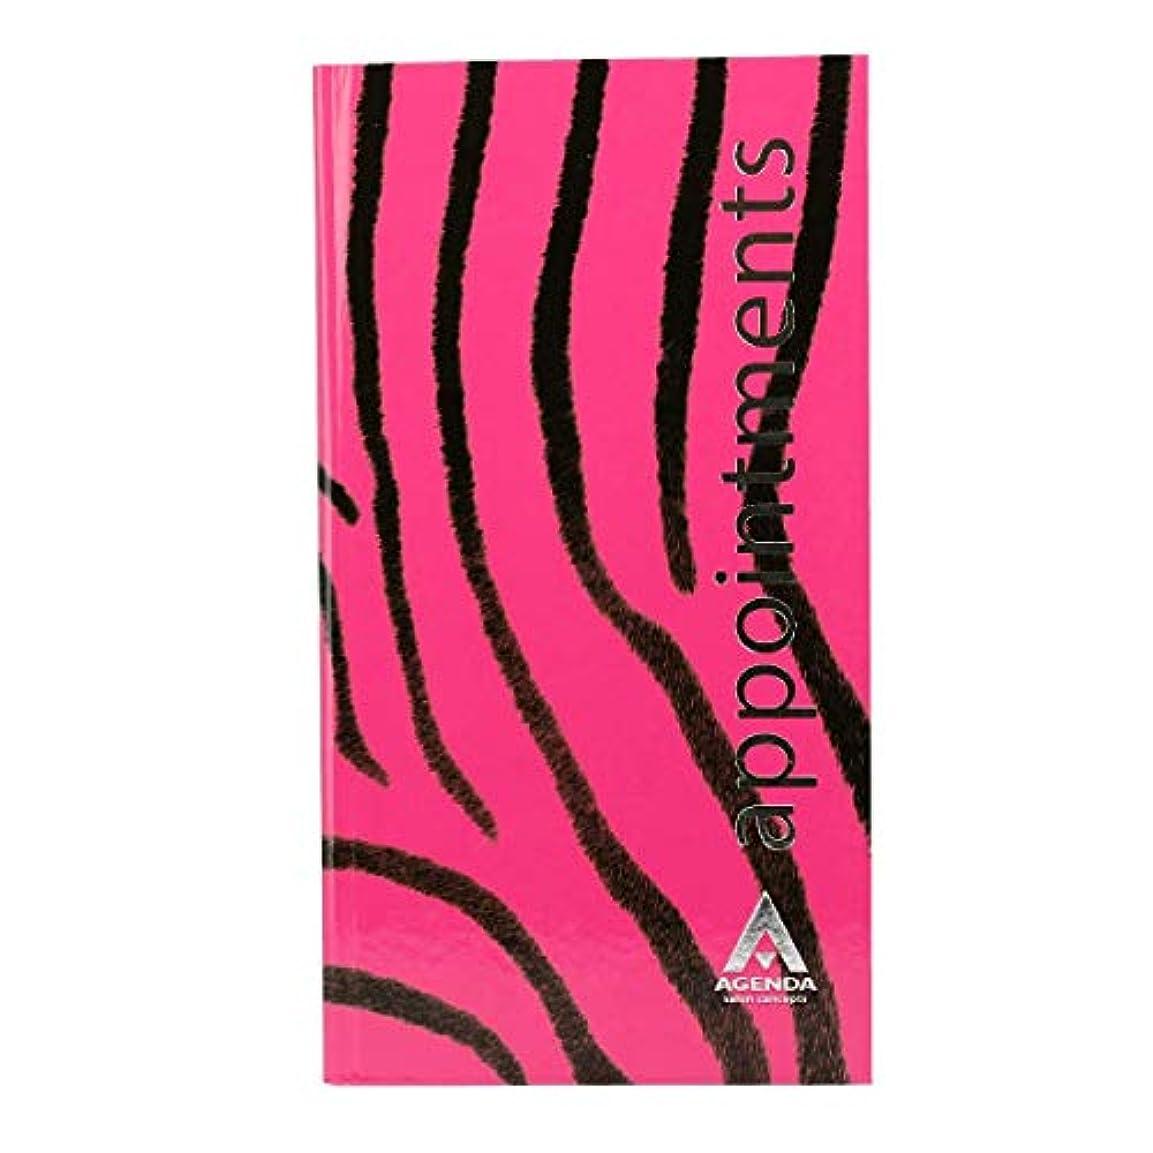 大神経障害シートアジェンダ サロンコンセプト 美容アポイントメントブック3アシスタントピンクゼブラ[海外直送品] [並行輸入品]